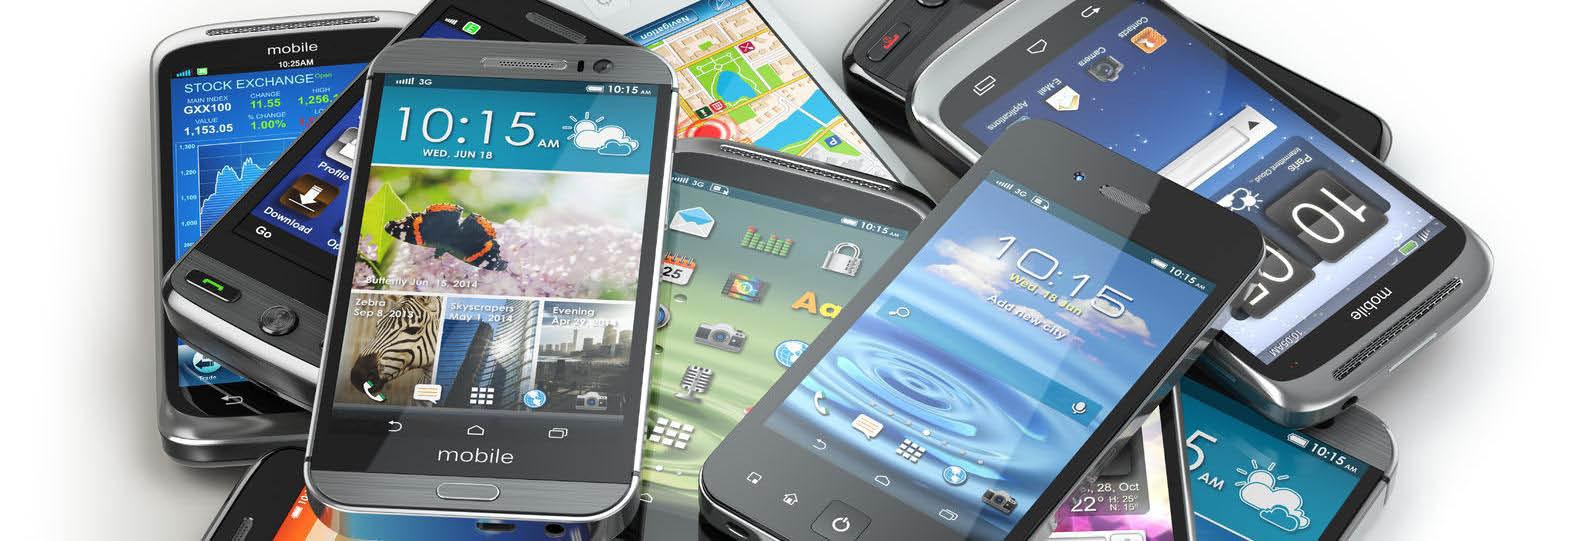 Prepaid Cell Phone World Banner